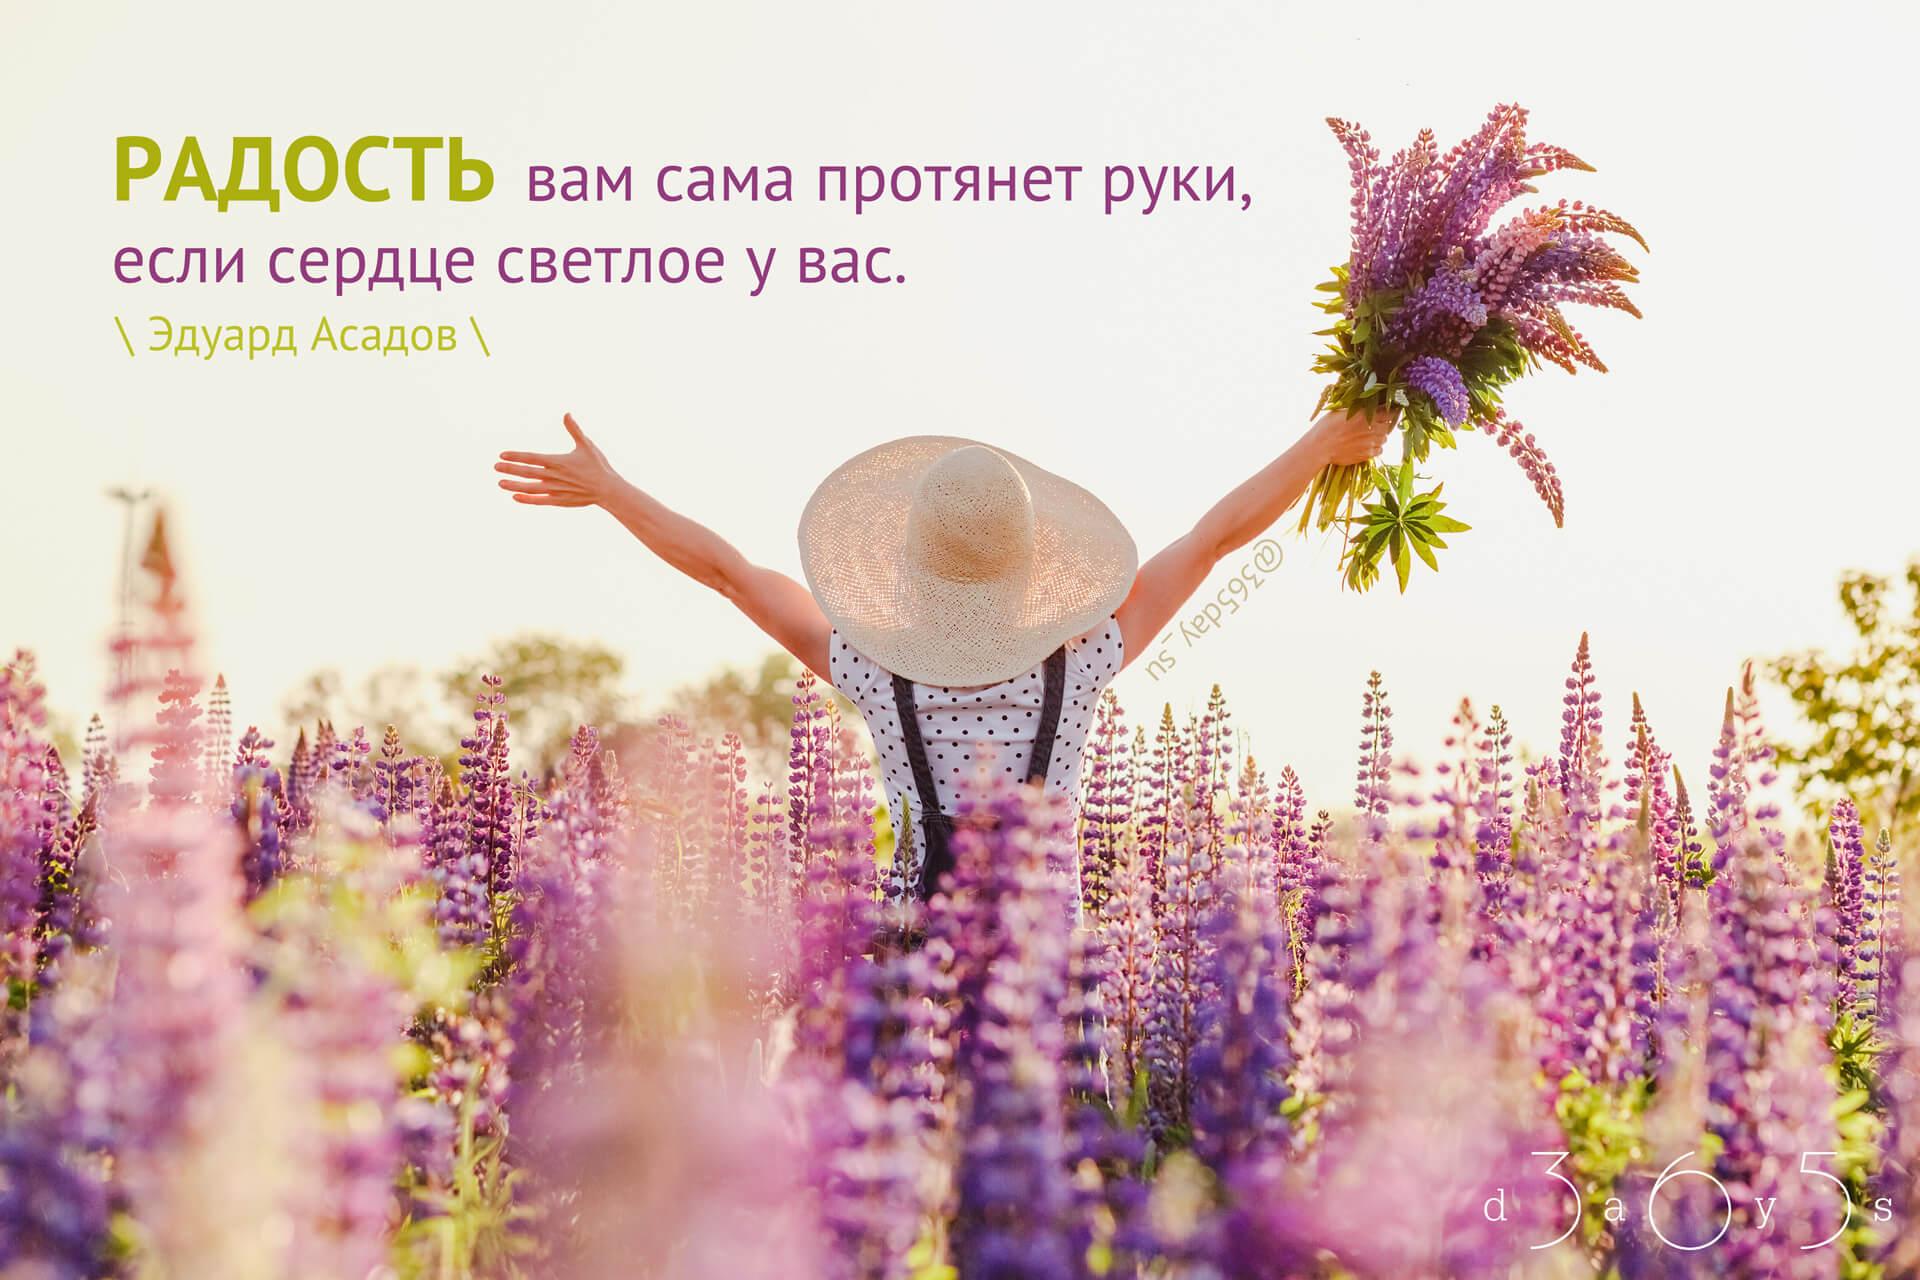 Картинки со смыслом радость жизни душа